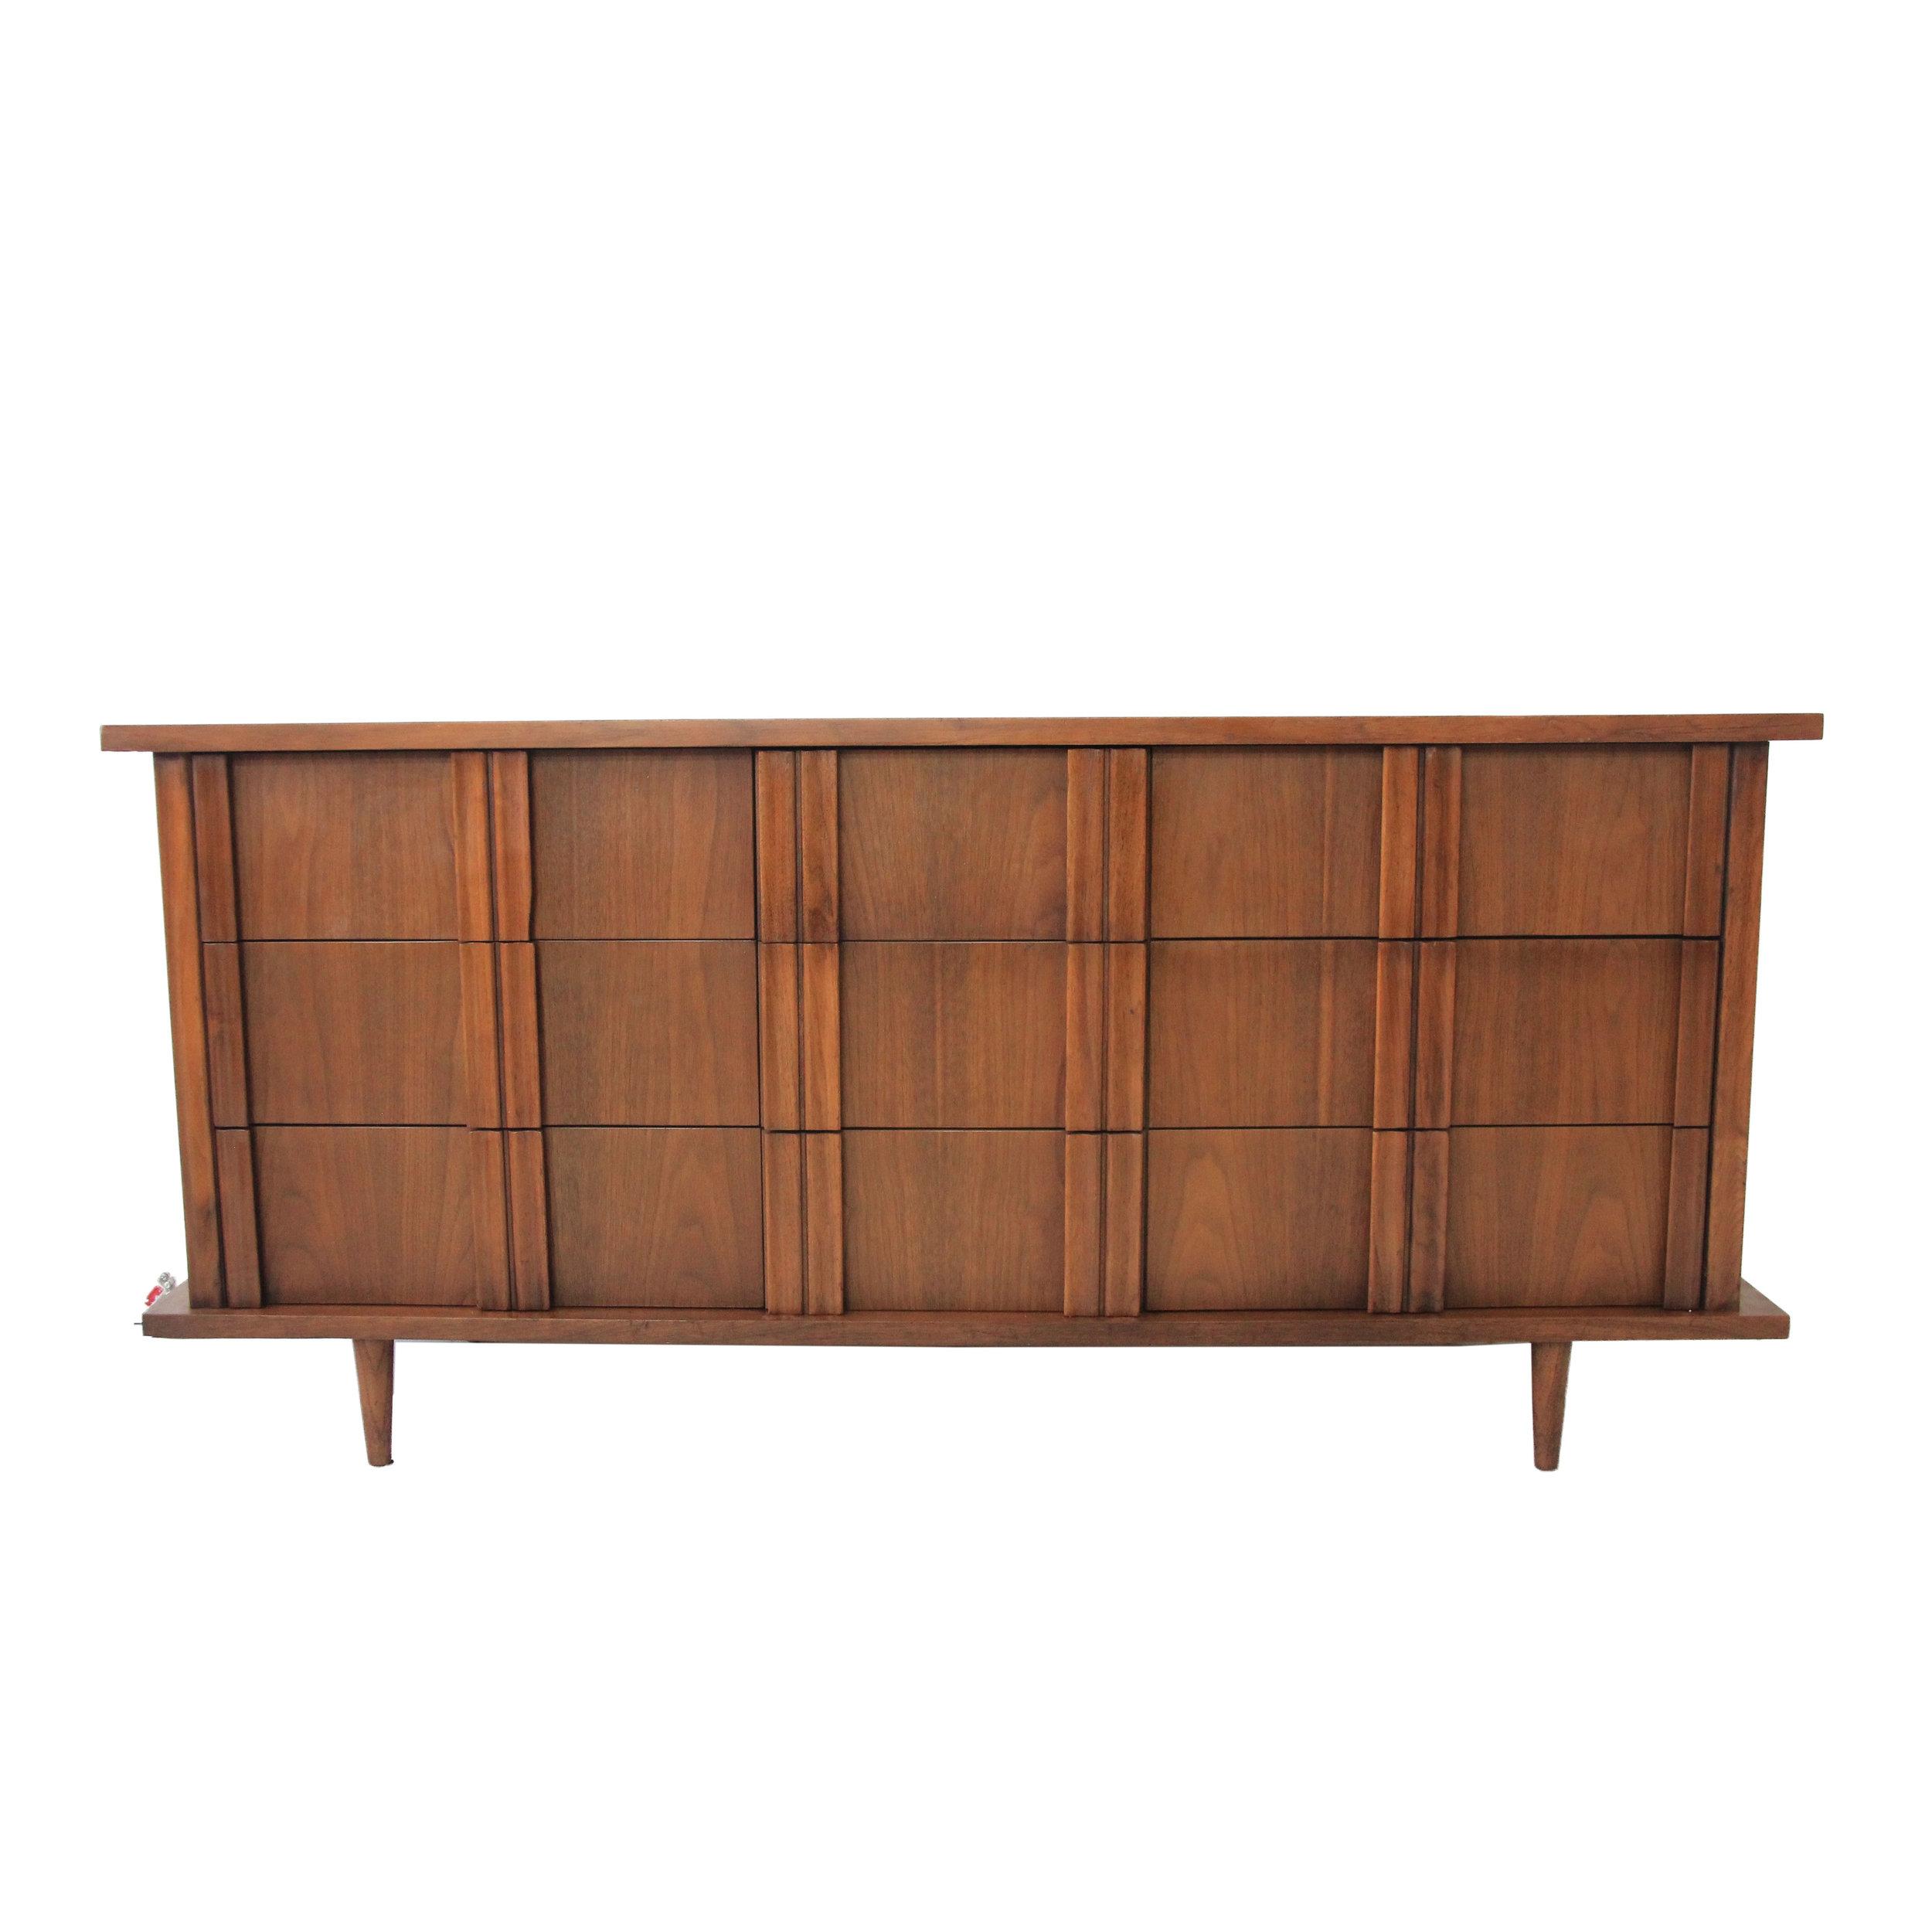 vintage mid century modern 9 drawer dresser3.jpg